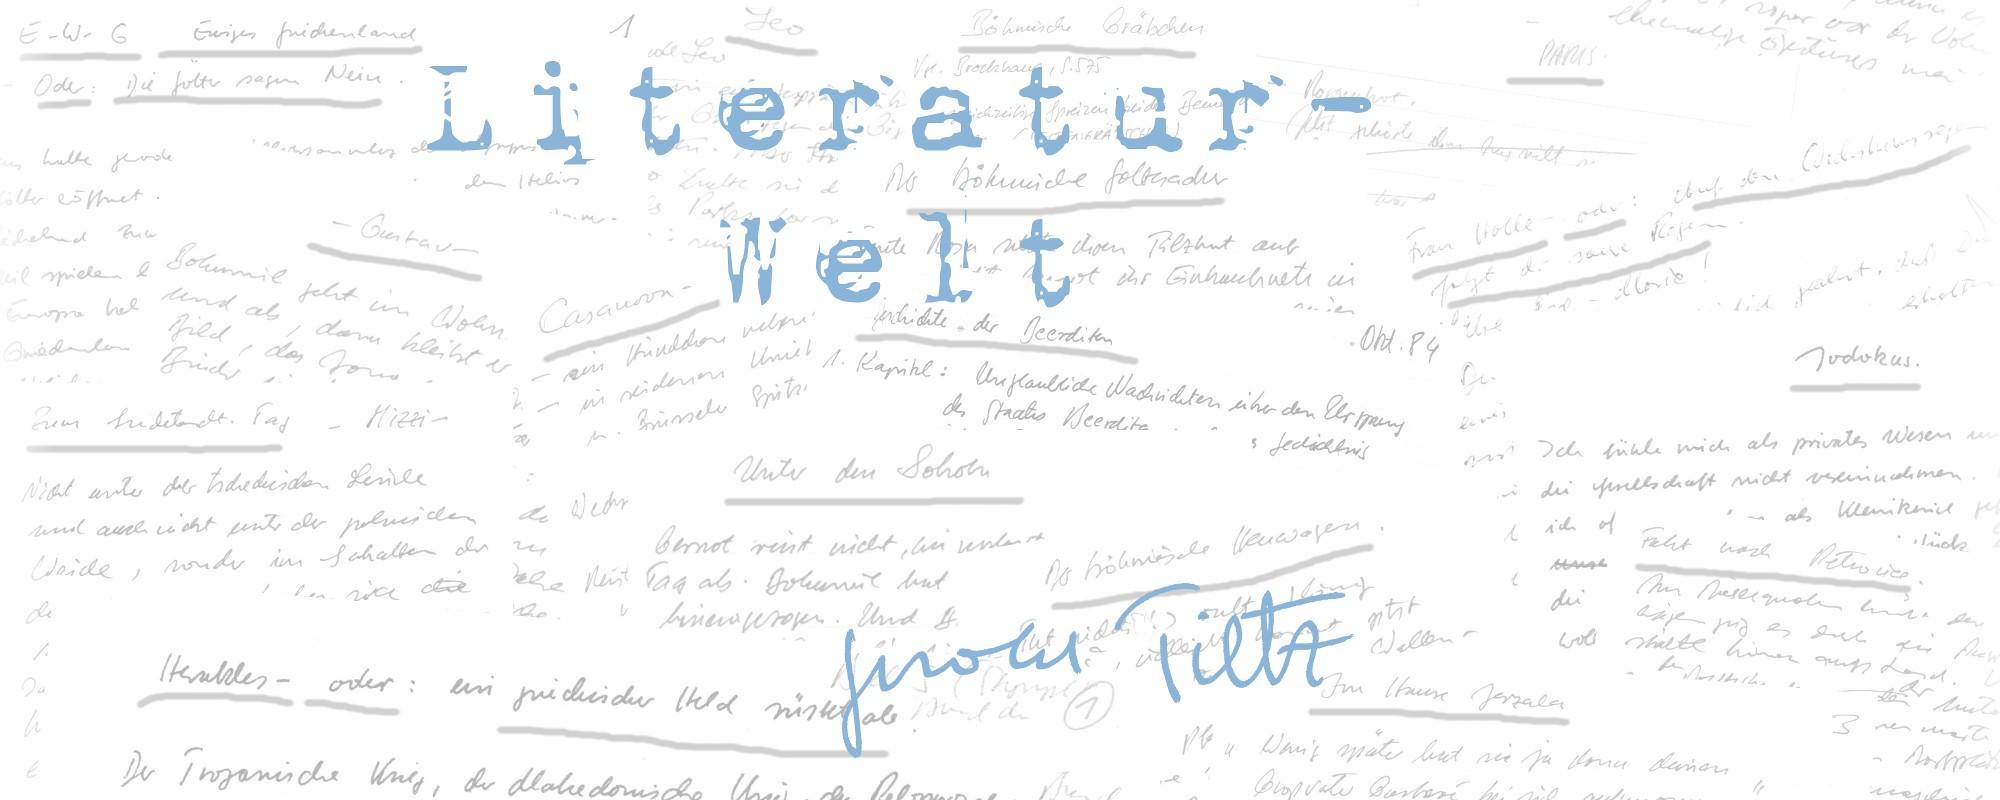 Literatur-Welt-Gerold-Tietz-Schriftbild